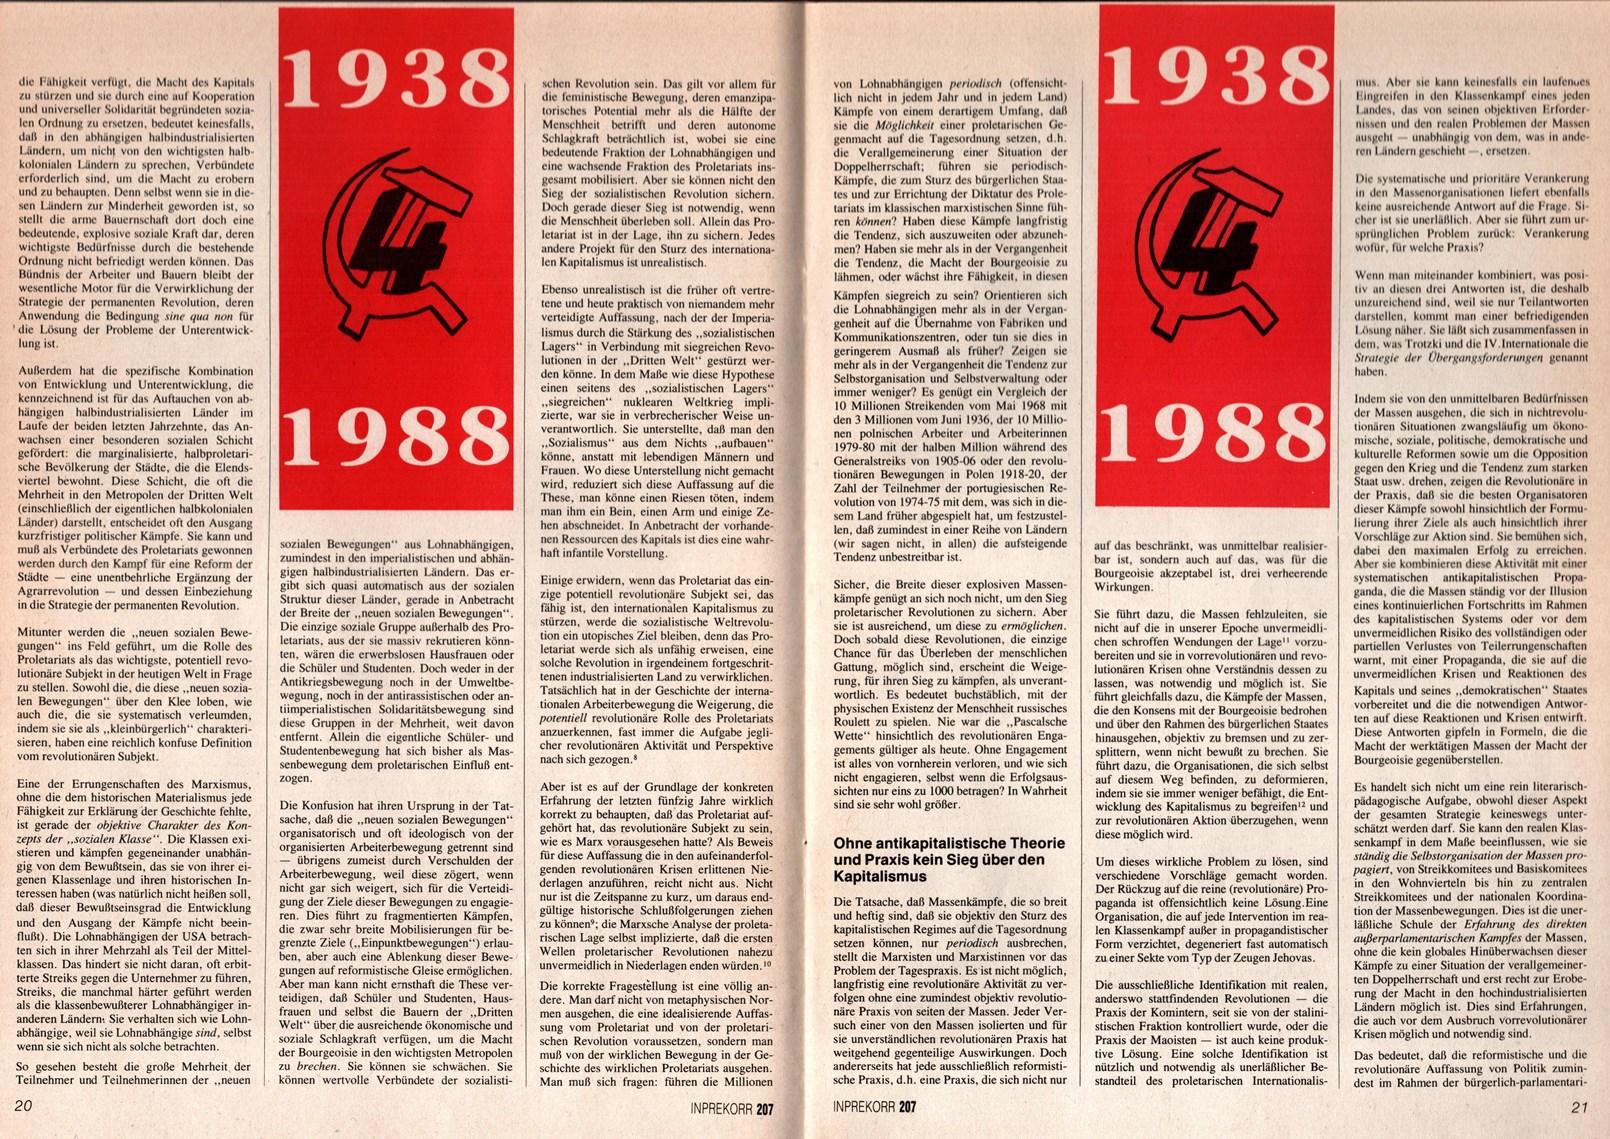 Inprekorr_19880900_207_011